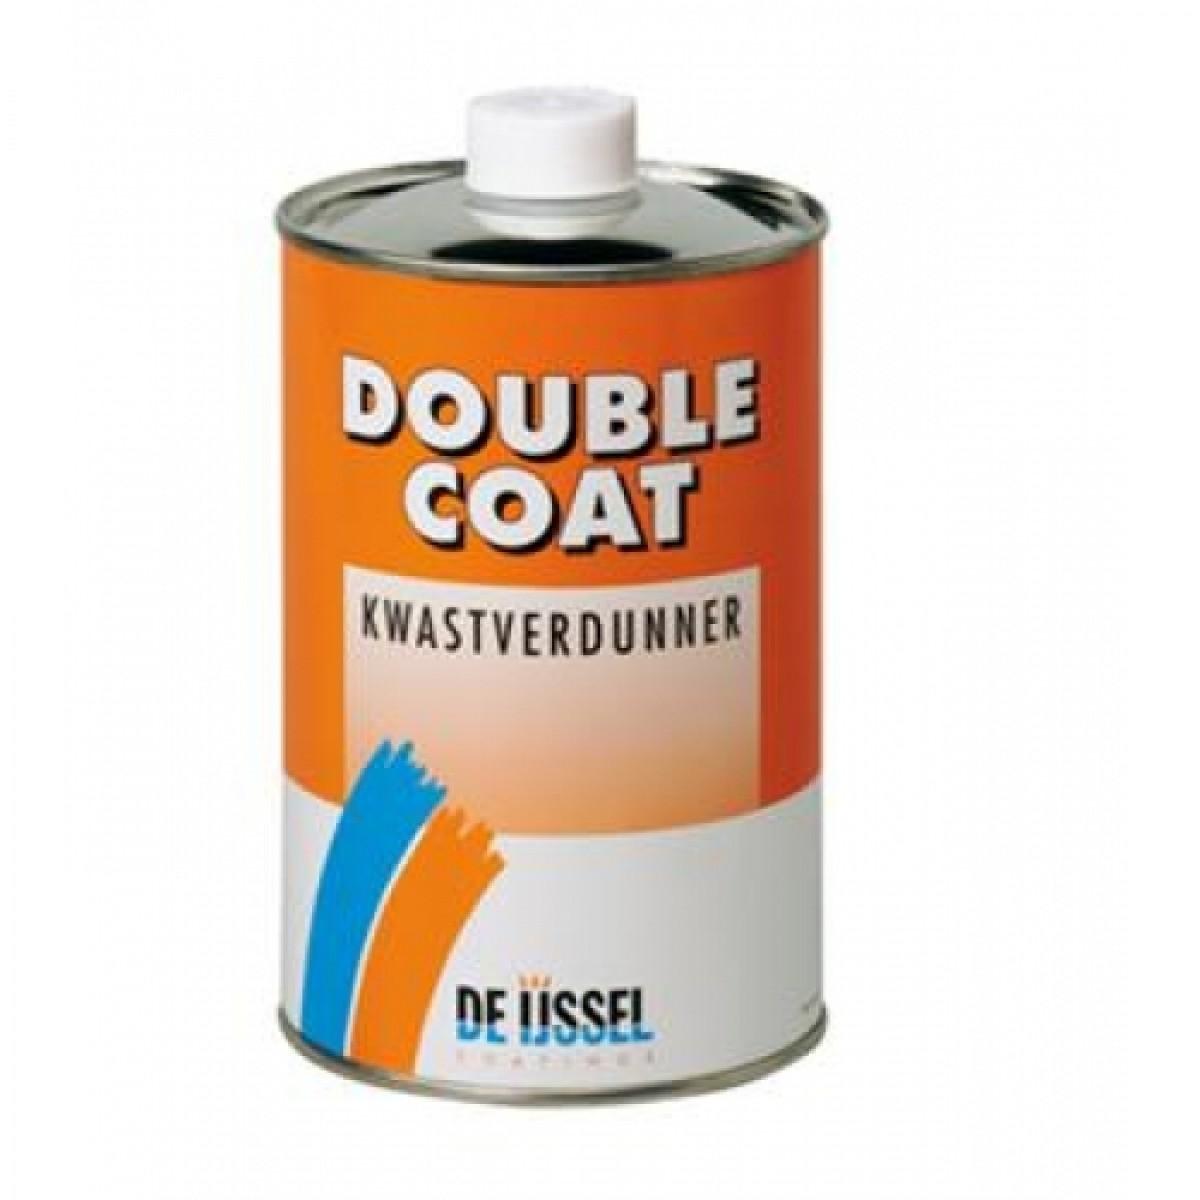 Afbeelding van De ijssel coatings double coat kwastverdunning 60 5 l